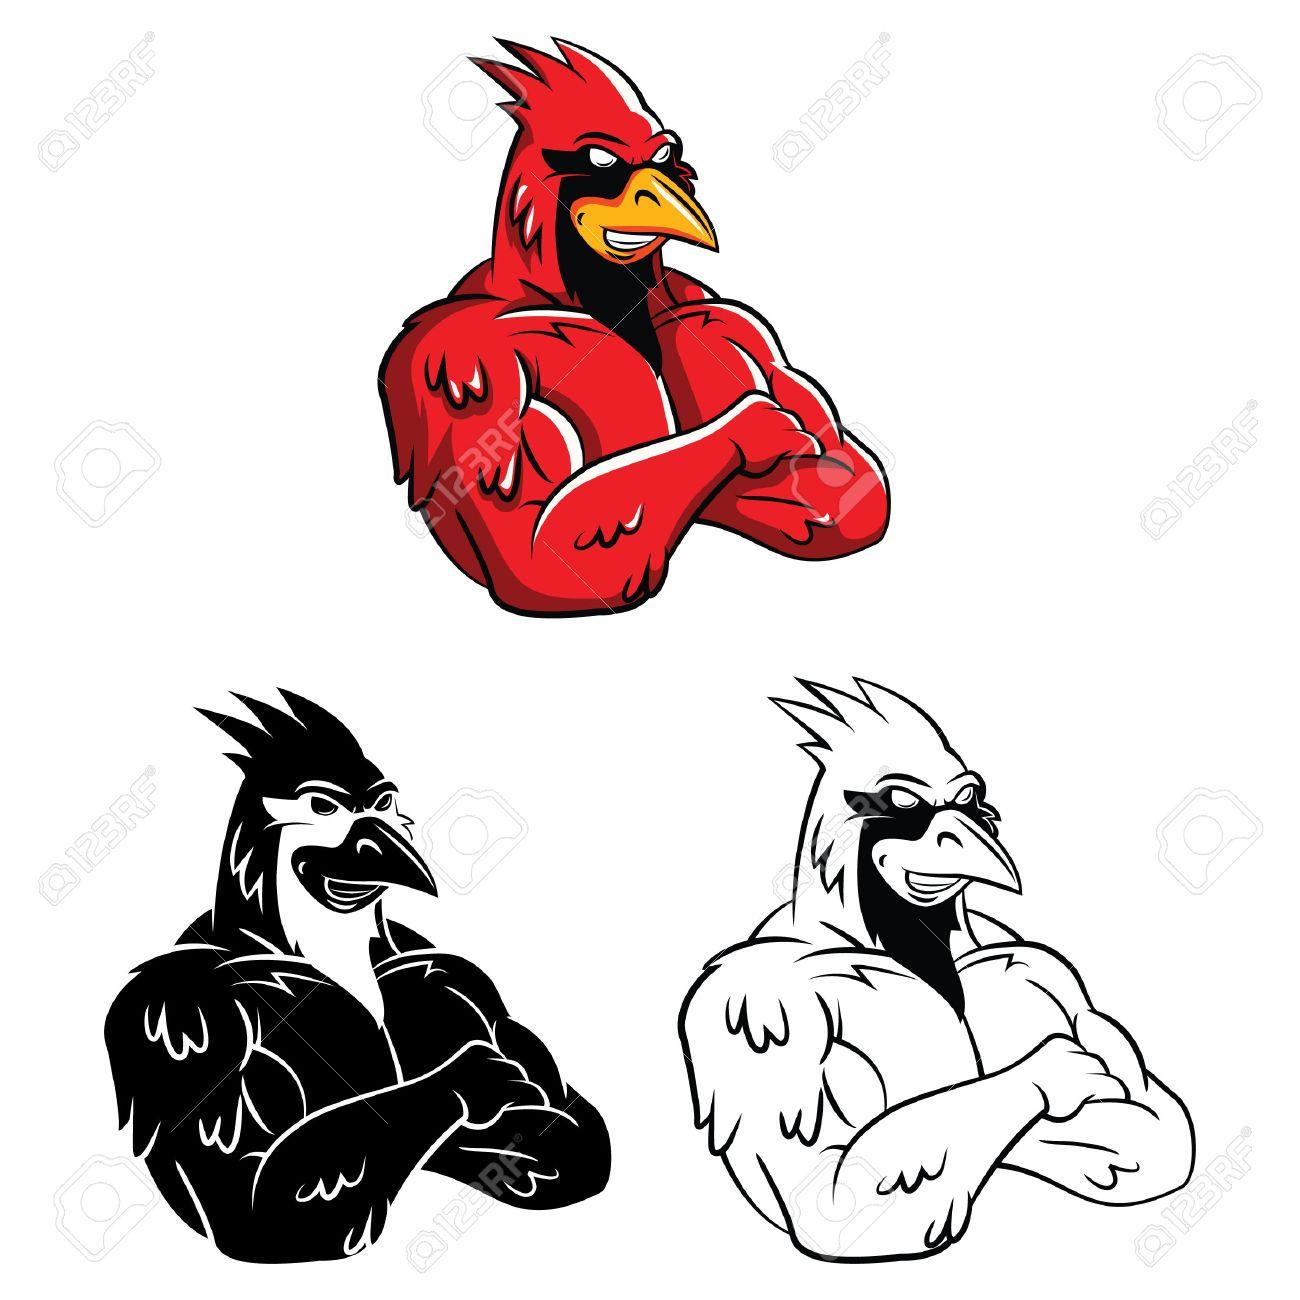 Coloring Book Cardinal Bird Cartoon Character Stock Vector